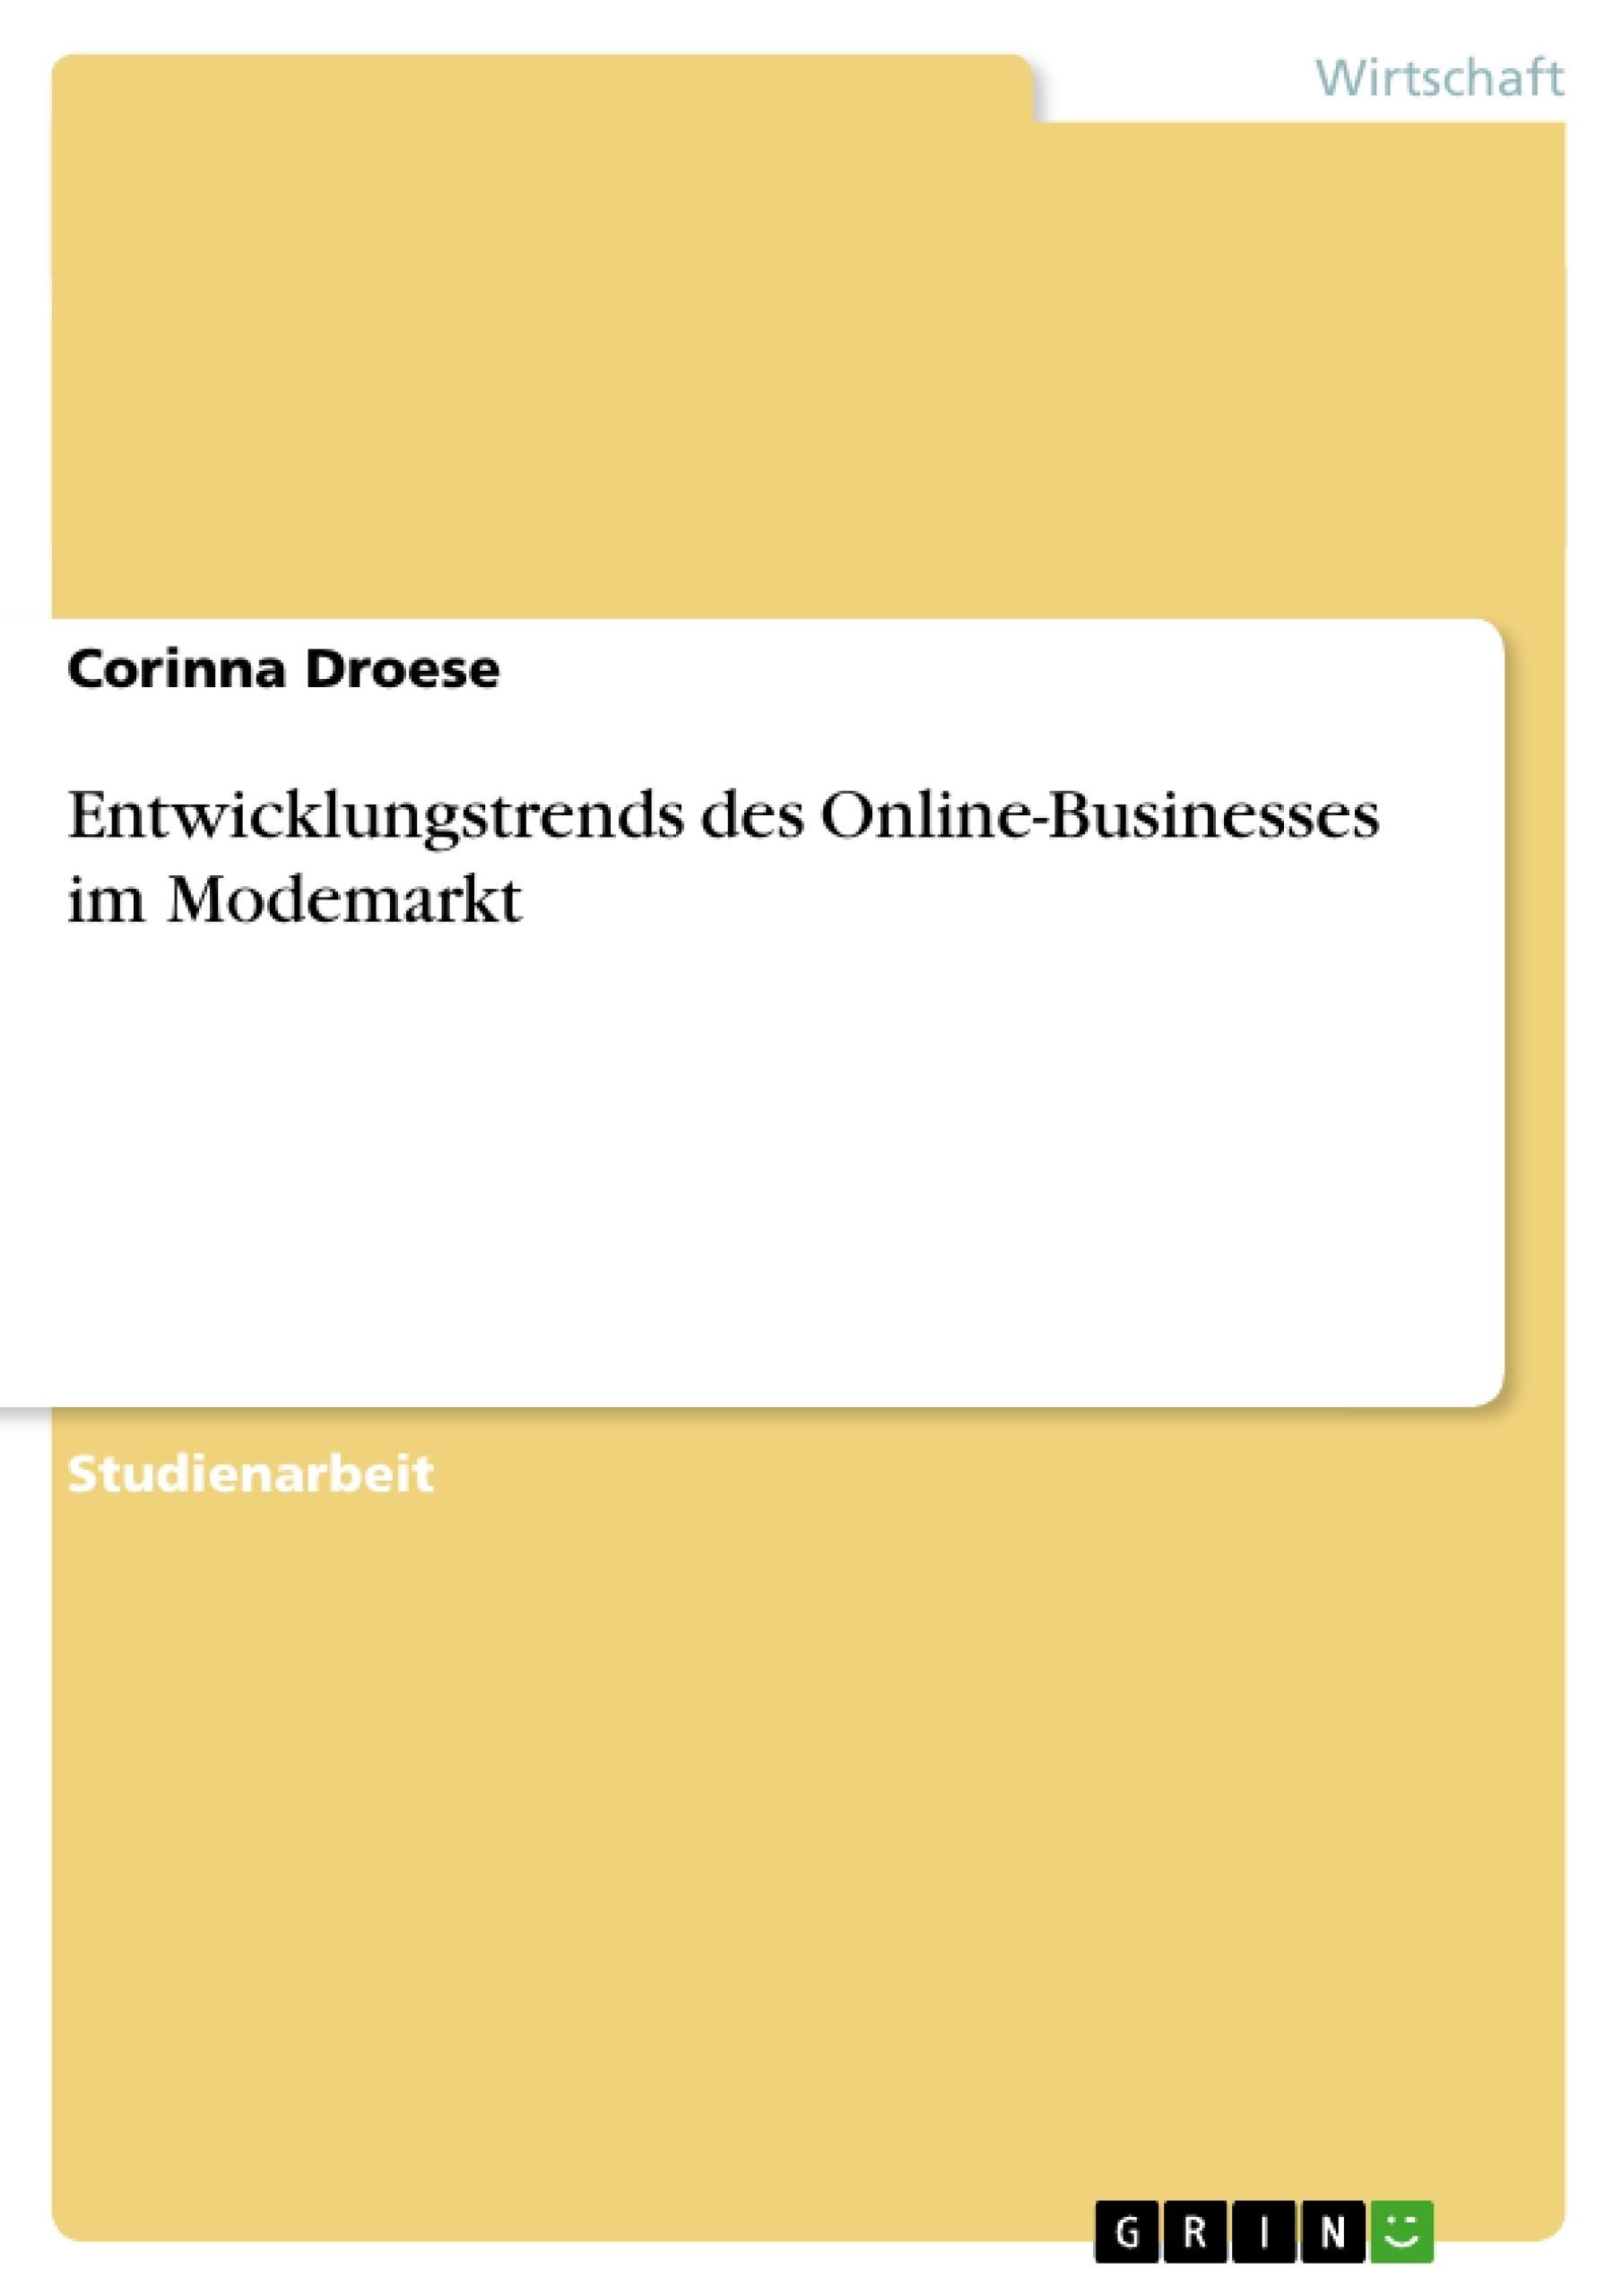 Titel: Entwicklungstrends des Online-Businesses im Modemarkt